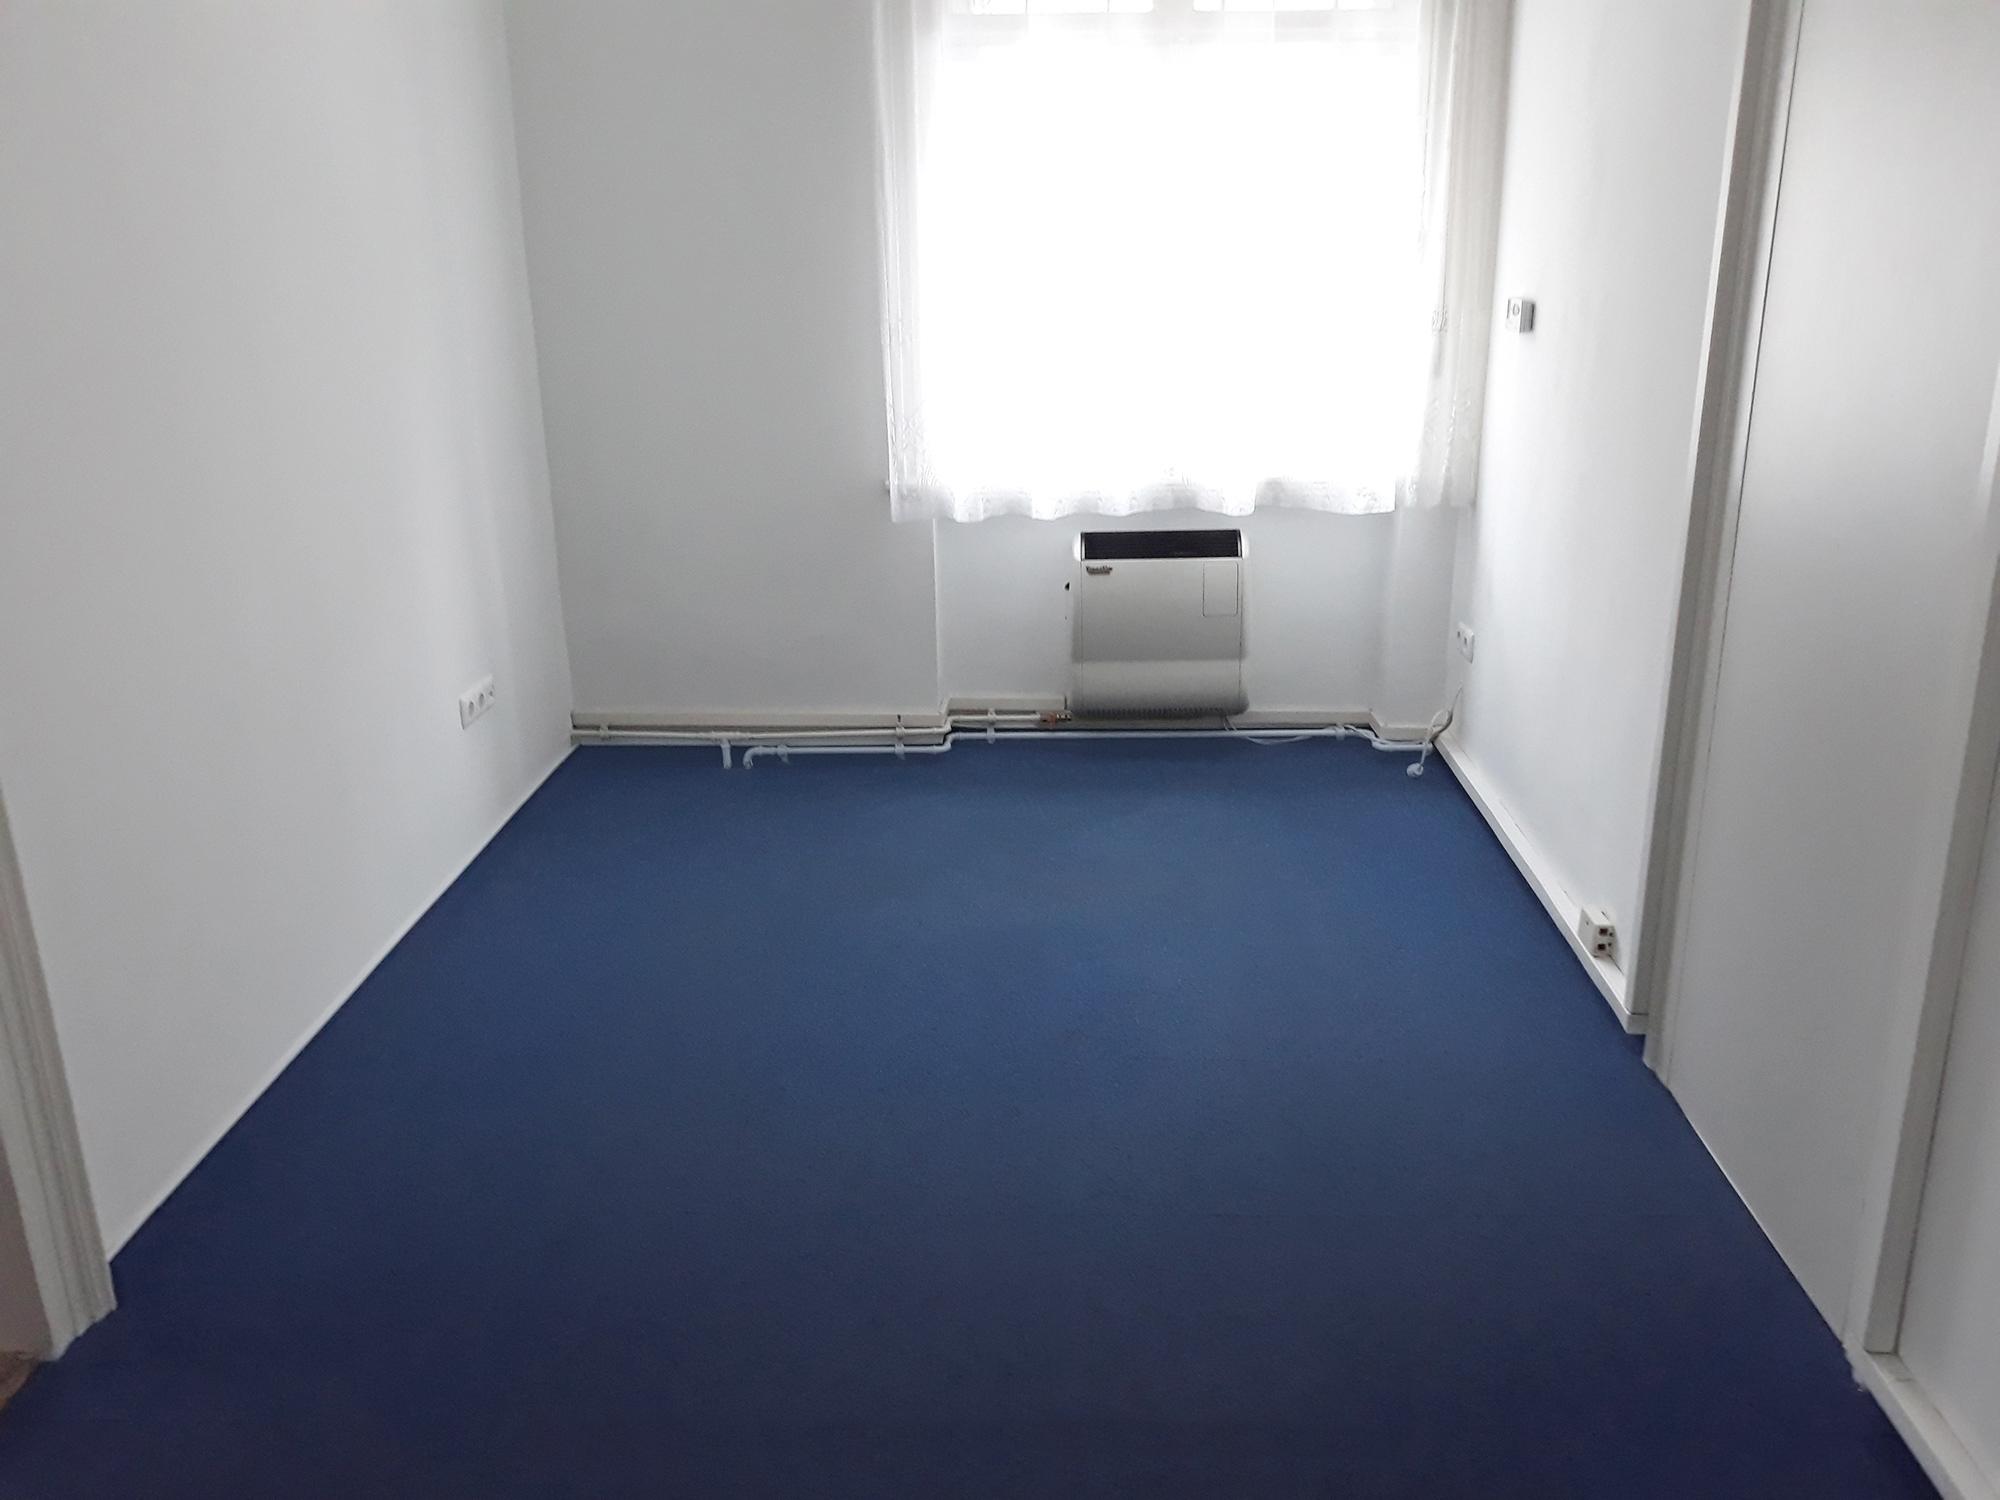 Kiadó váci iroda külső helyiség